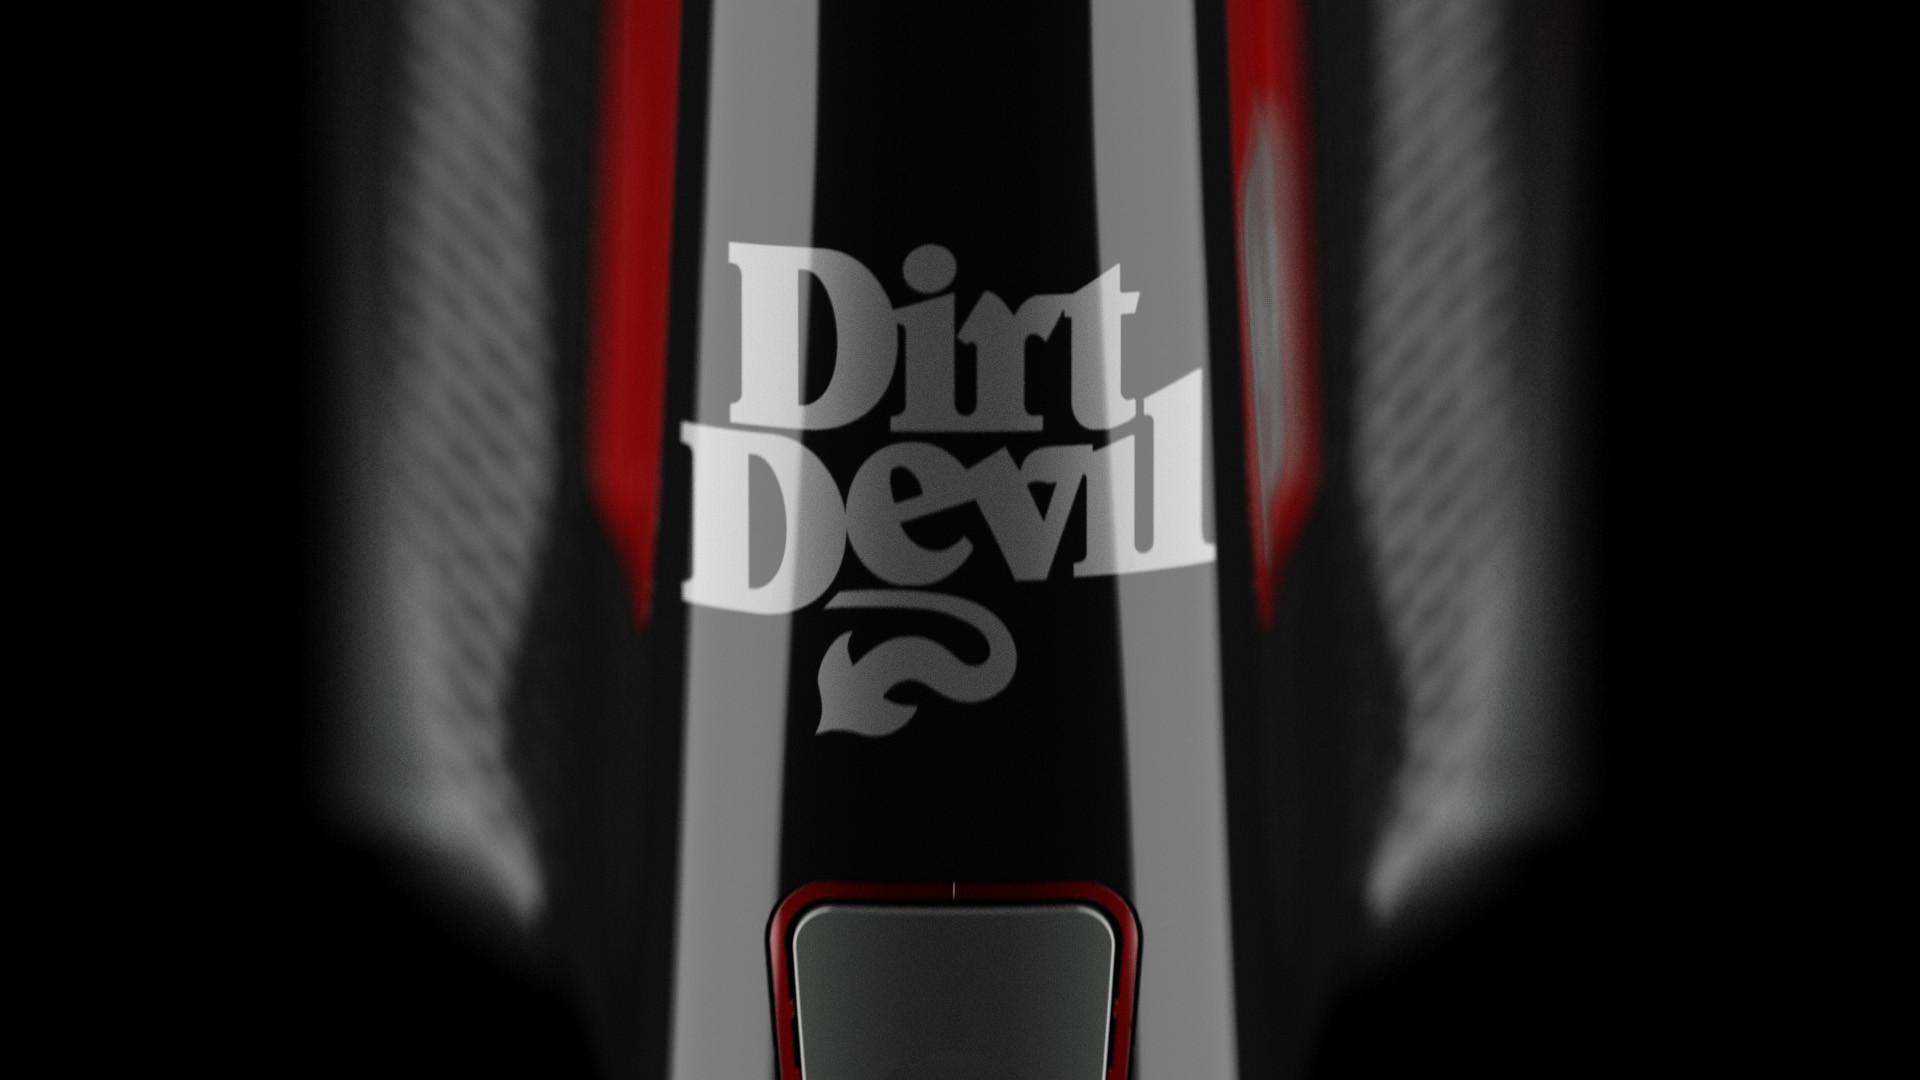 Dirt Devil 3D animation